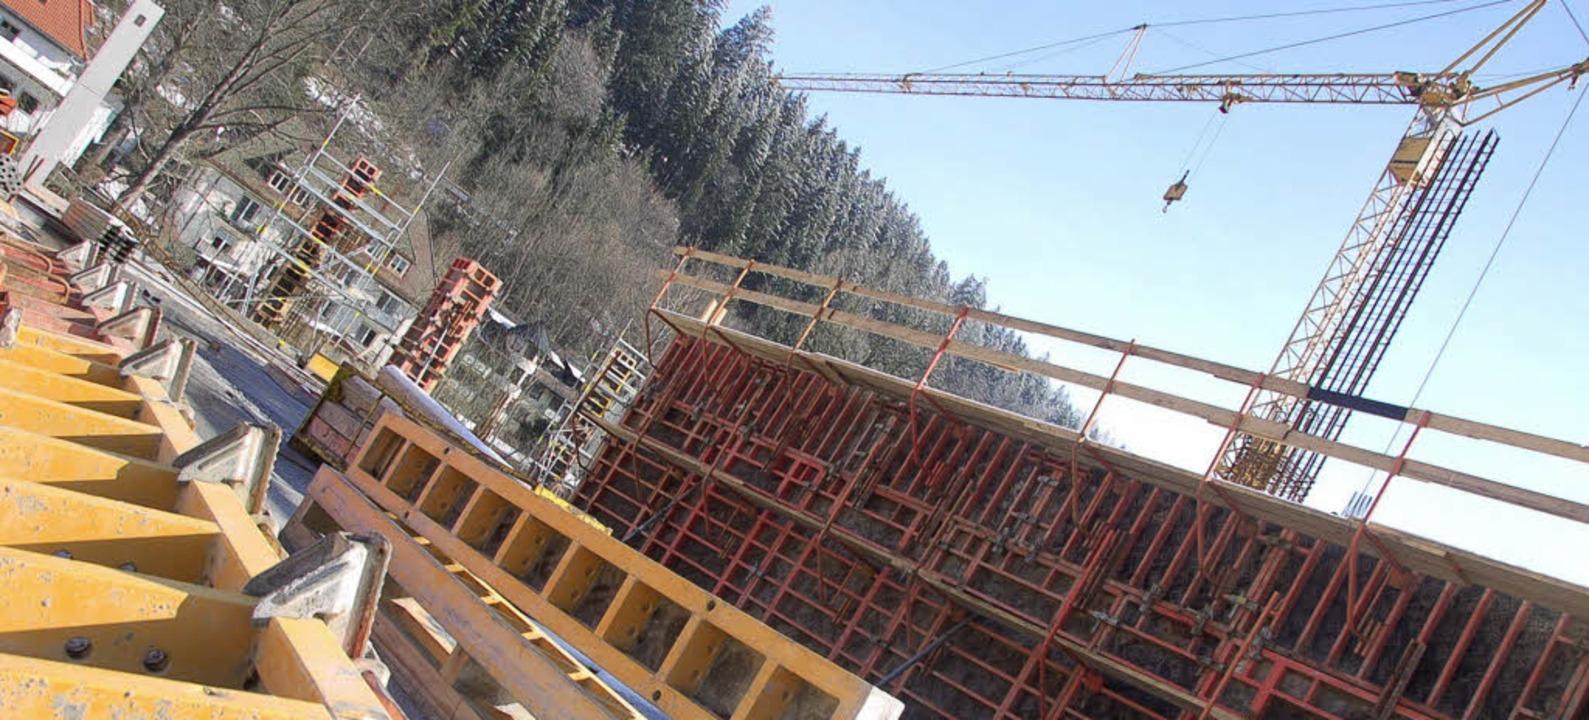 Baustelle im Winterschlaf: Bis die Arb... dauert es wohl noch ein paar Wochen.   | Foto: blum